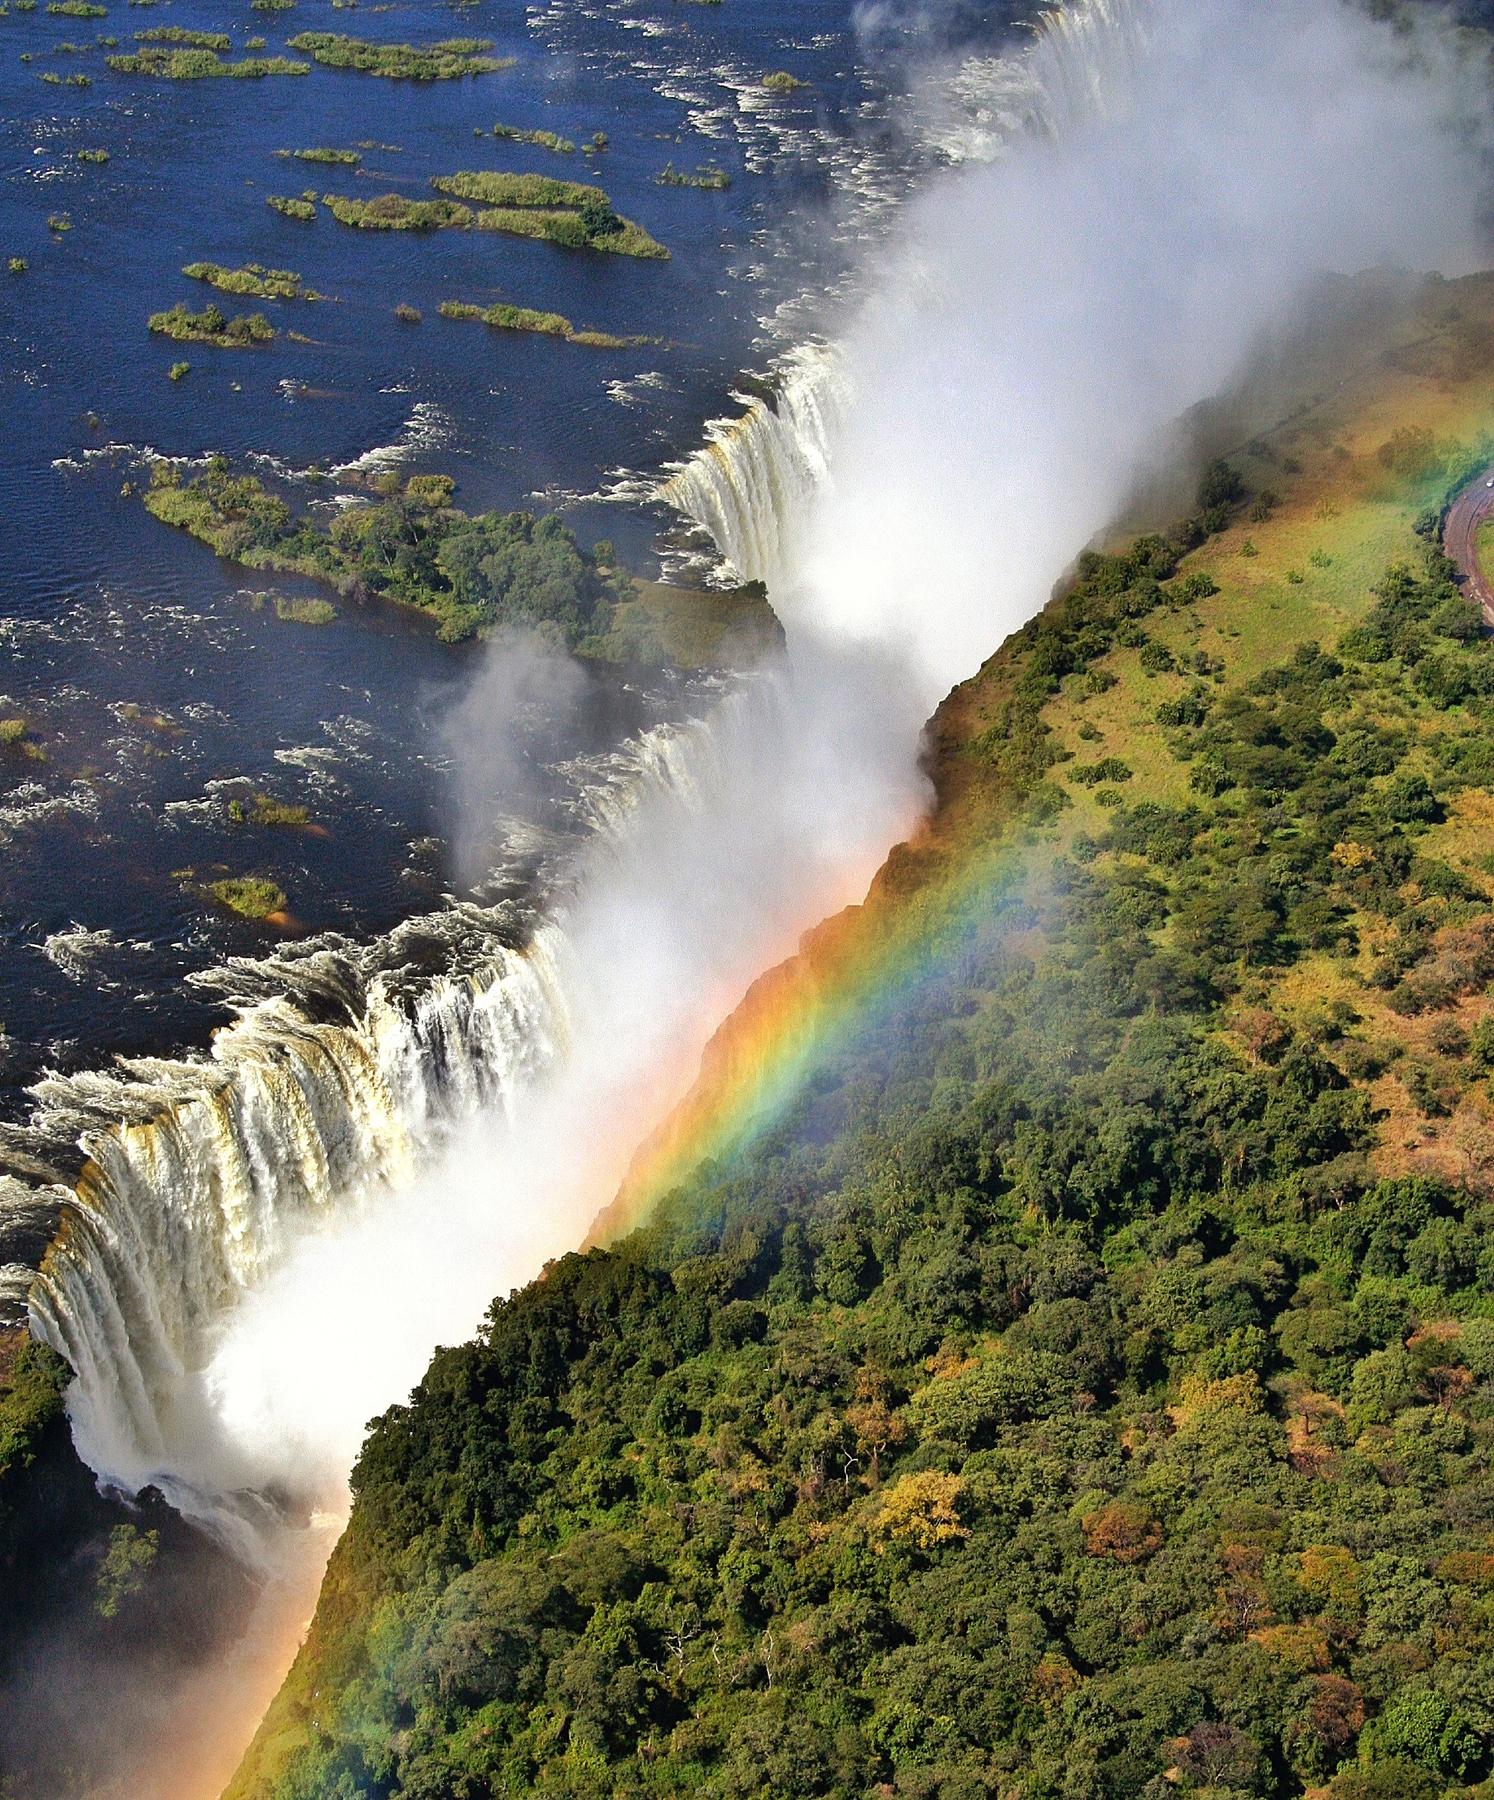 Самые красивые водопады мира — Виктория на реке Замбези в Южной Африке. Расположен на границе Замбии и Зимбабве